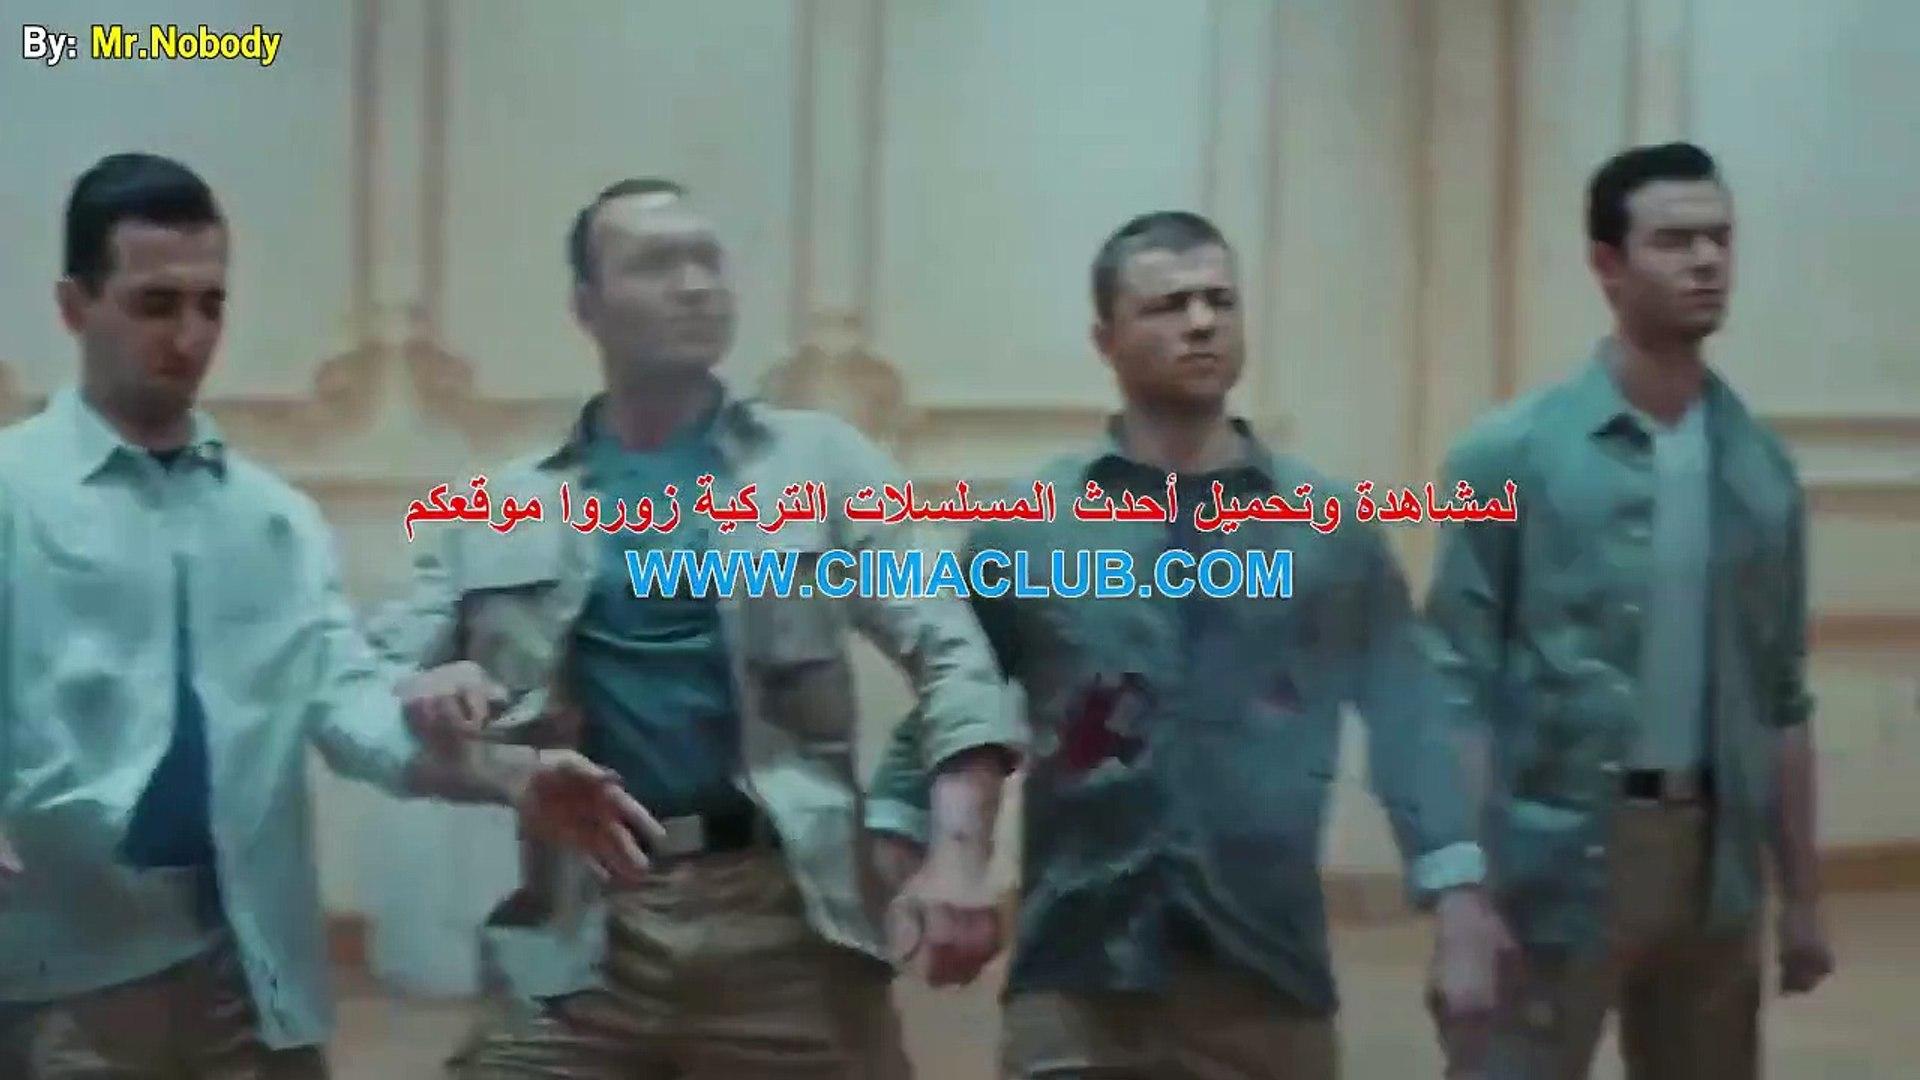 مسلسل العهد الموسم الثالث الحلقة 34 والاخيرة قسم 1 مترجمة للعربية